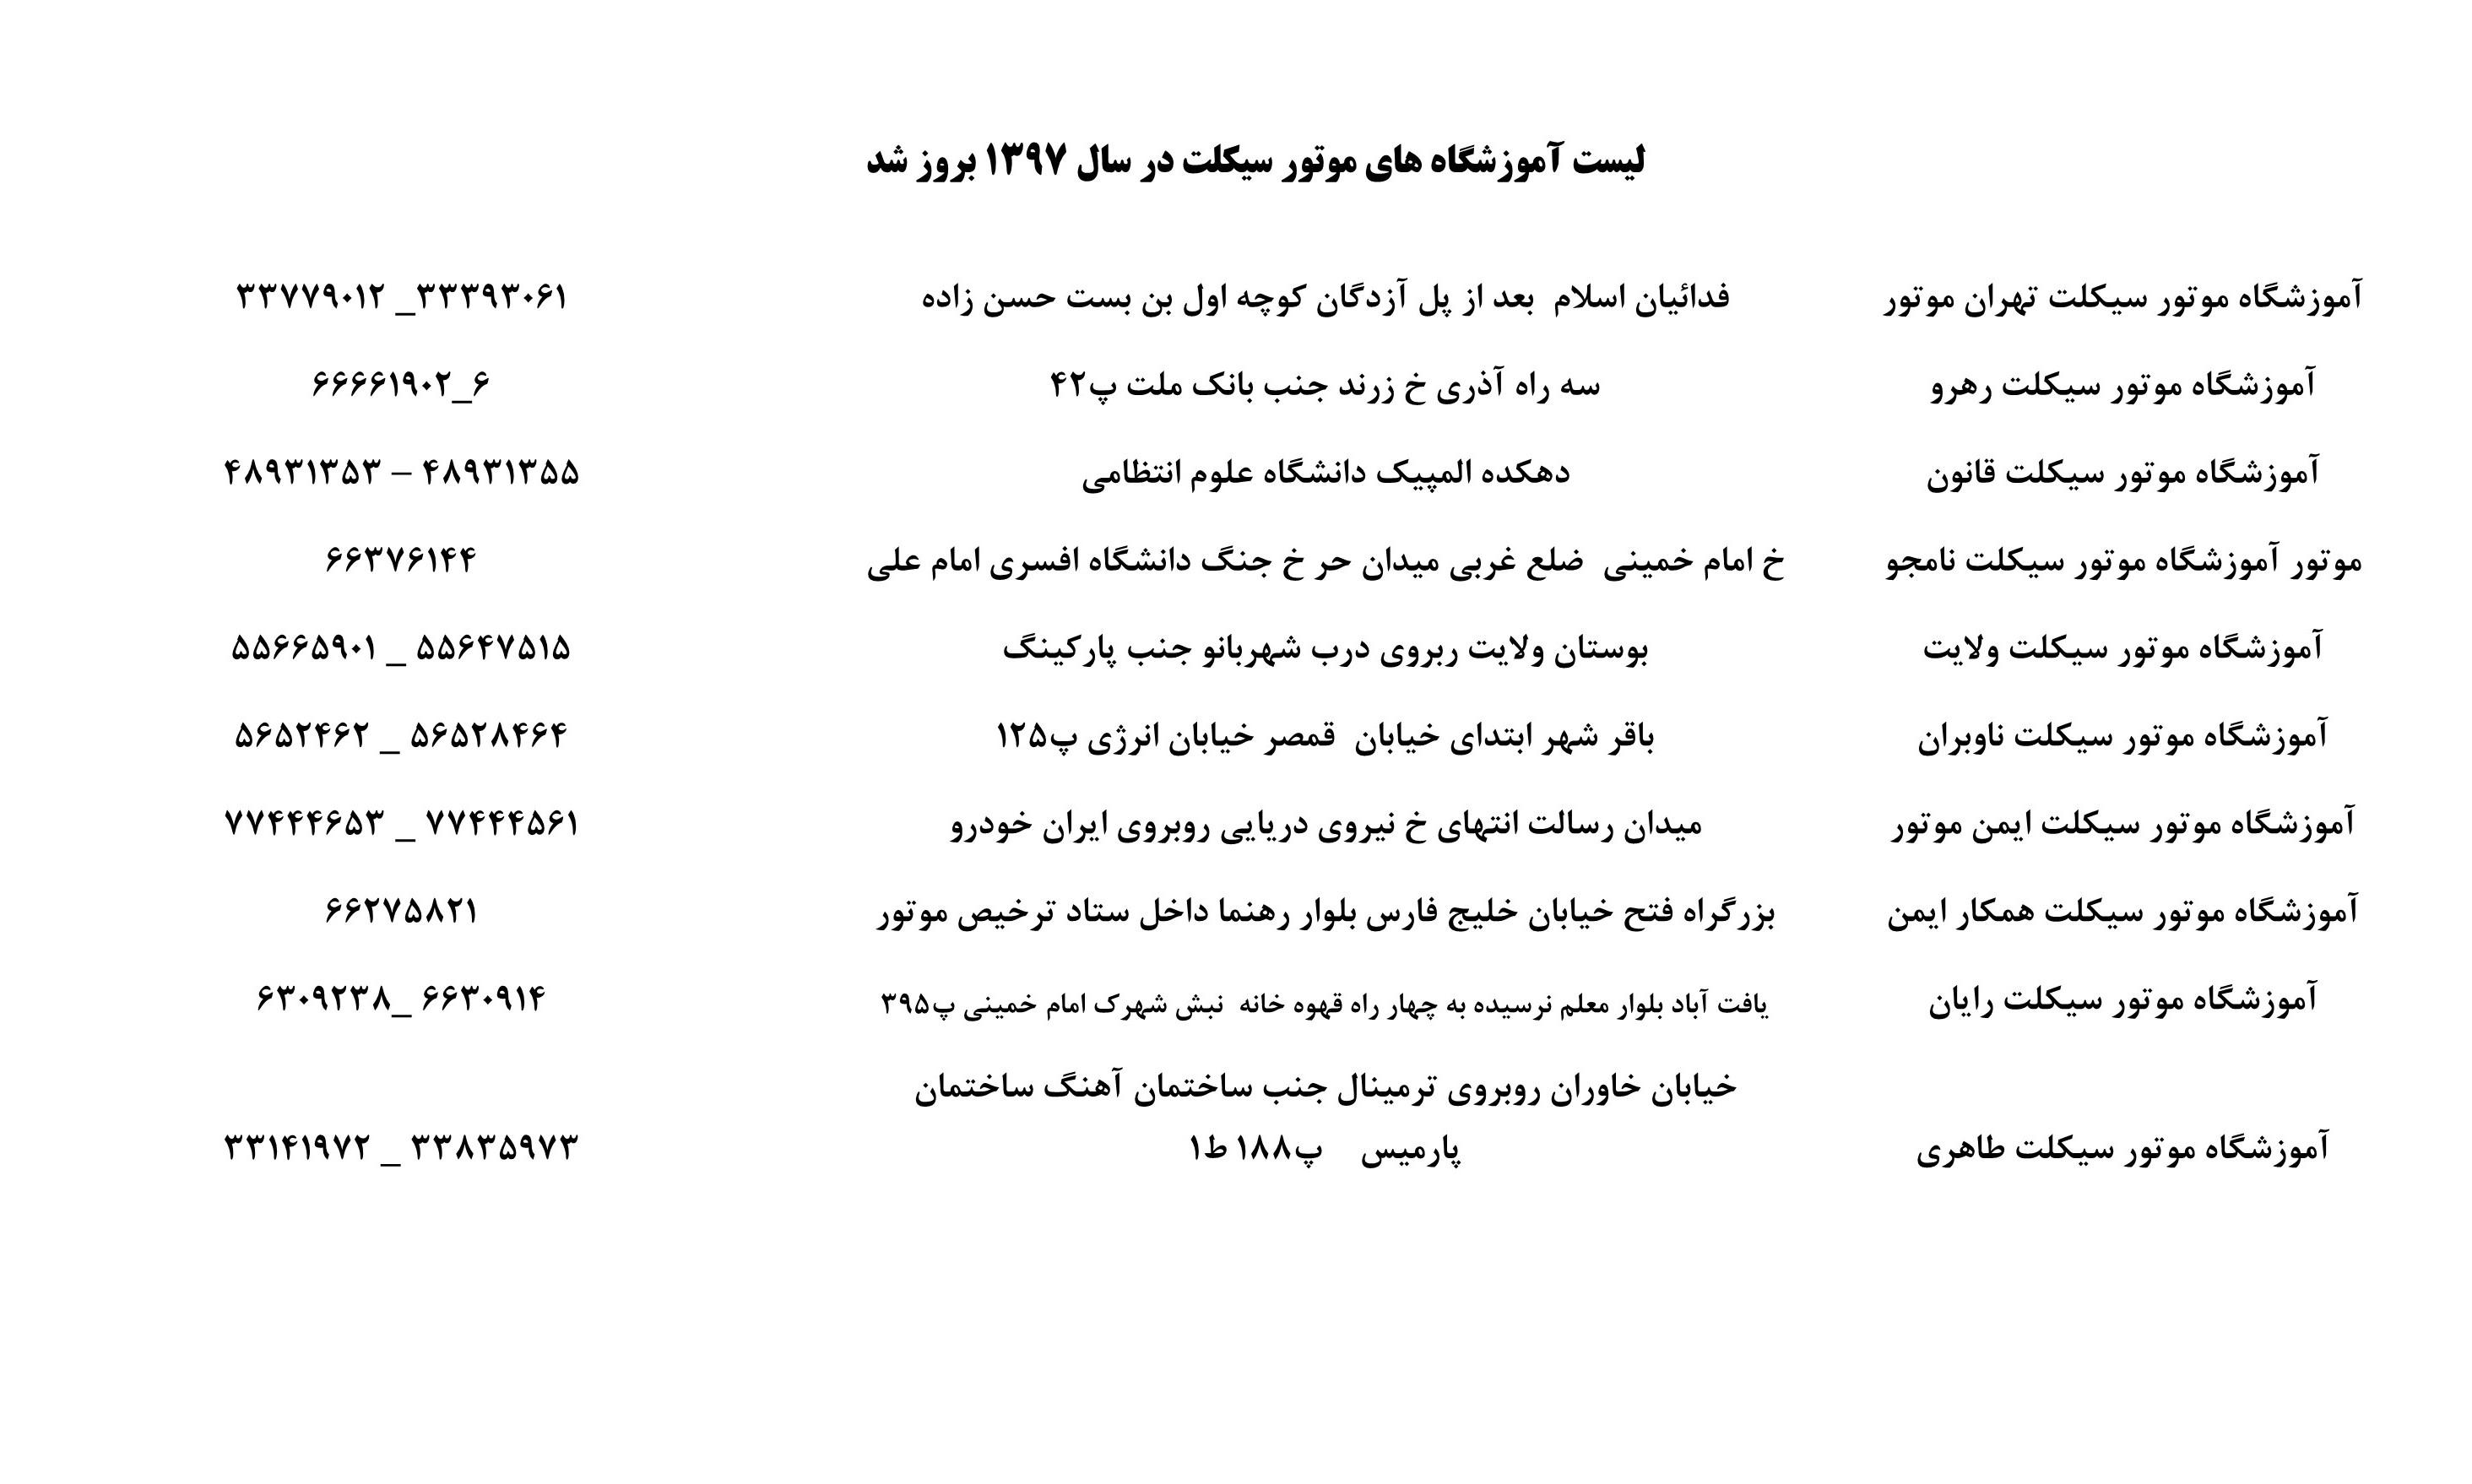 لیست آموزشگاه های موتور سیکلت تهران